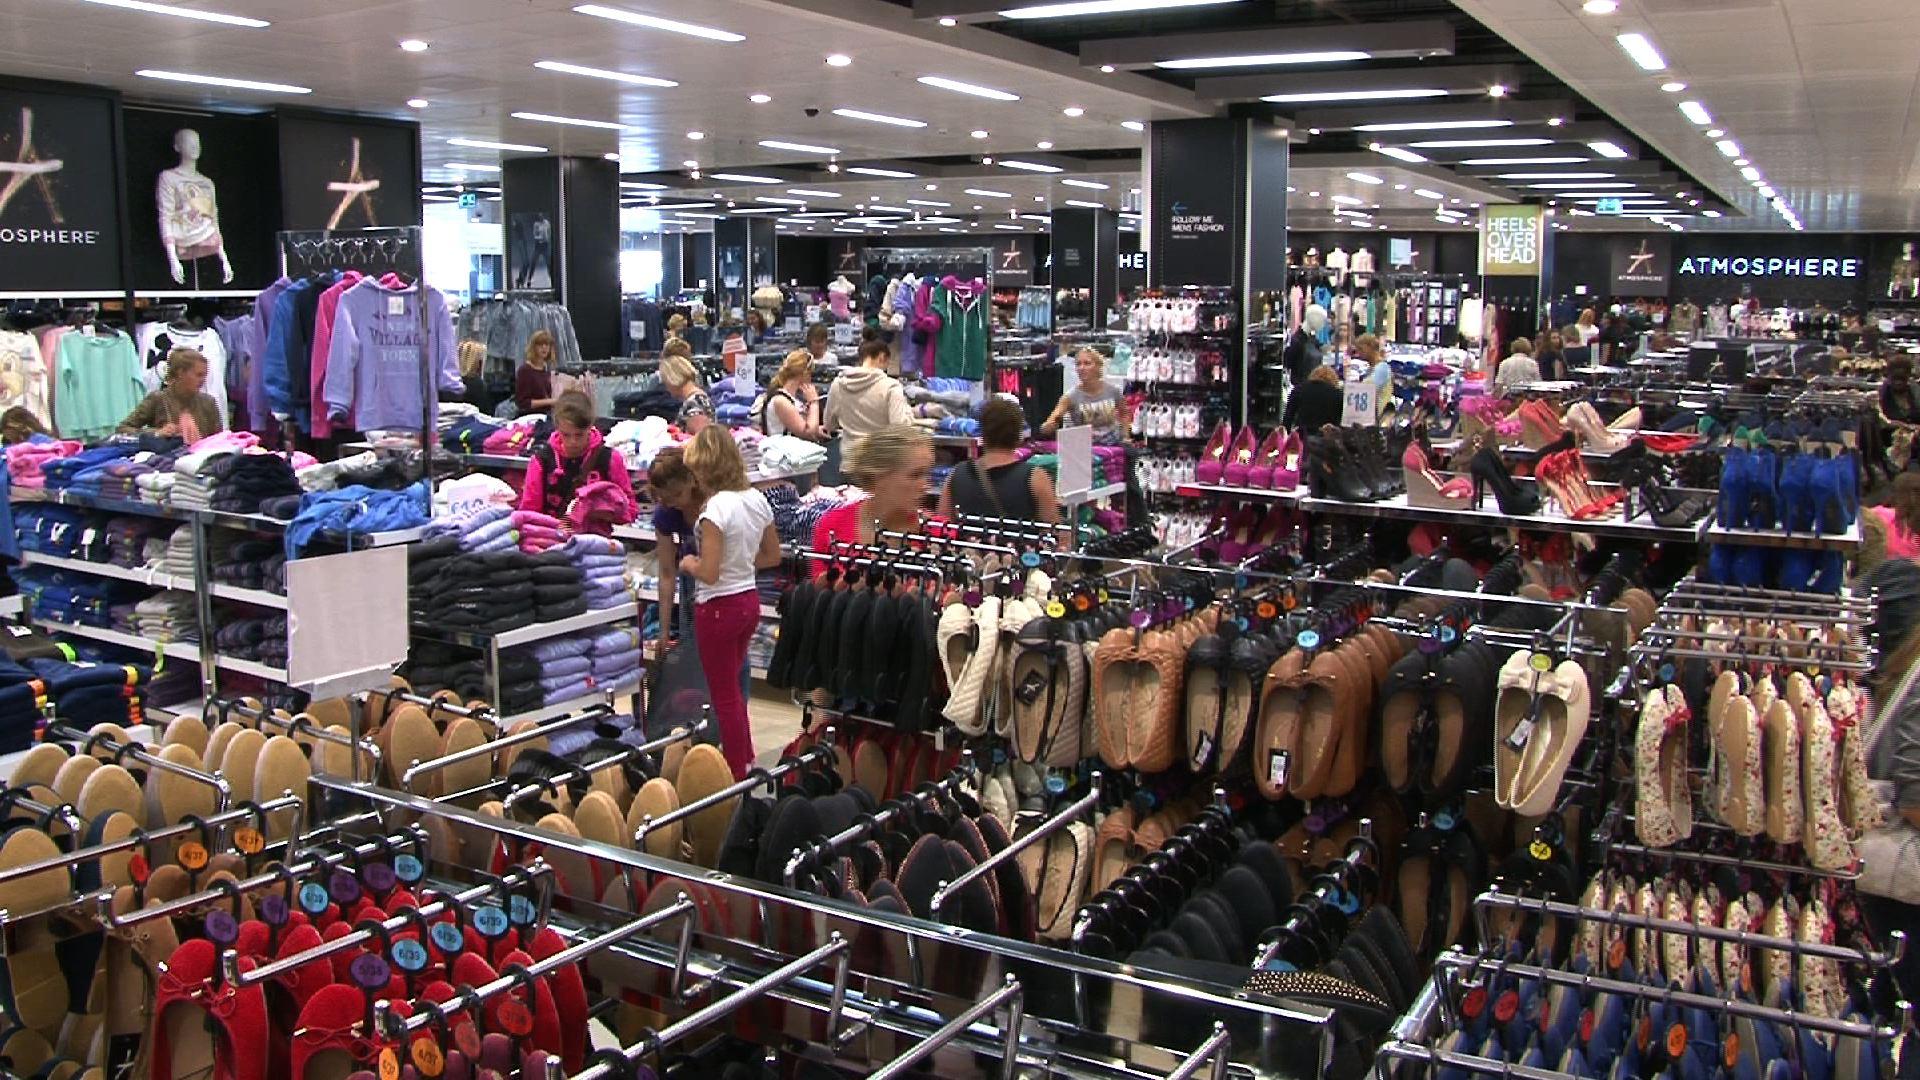 e8175341db6b Ecco perché gli abiti dei negozi di Zara   co hanno prezzi così bassi -  IlGiornale.it